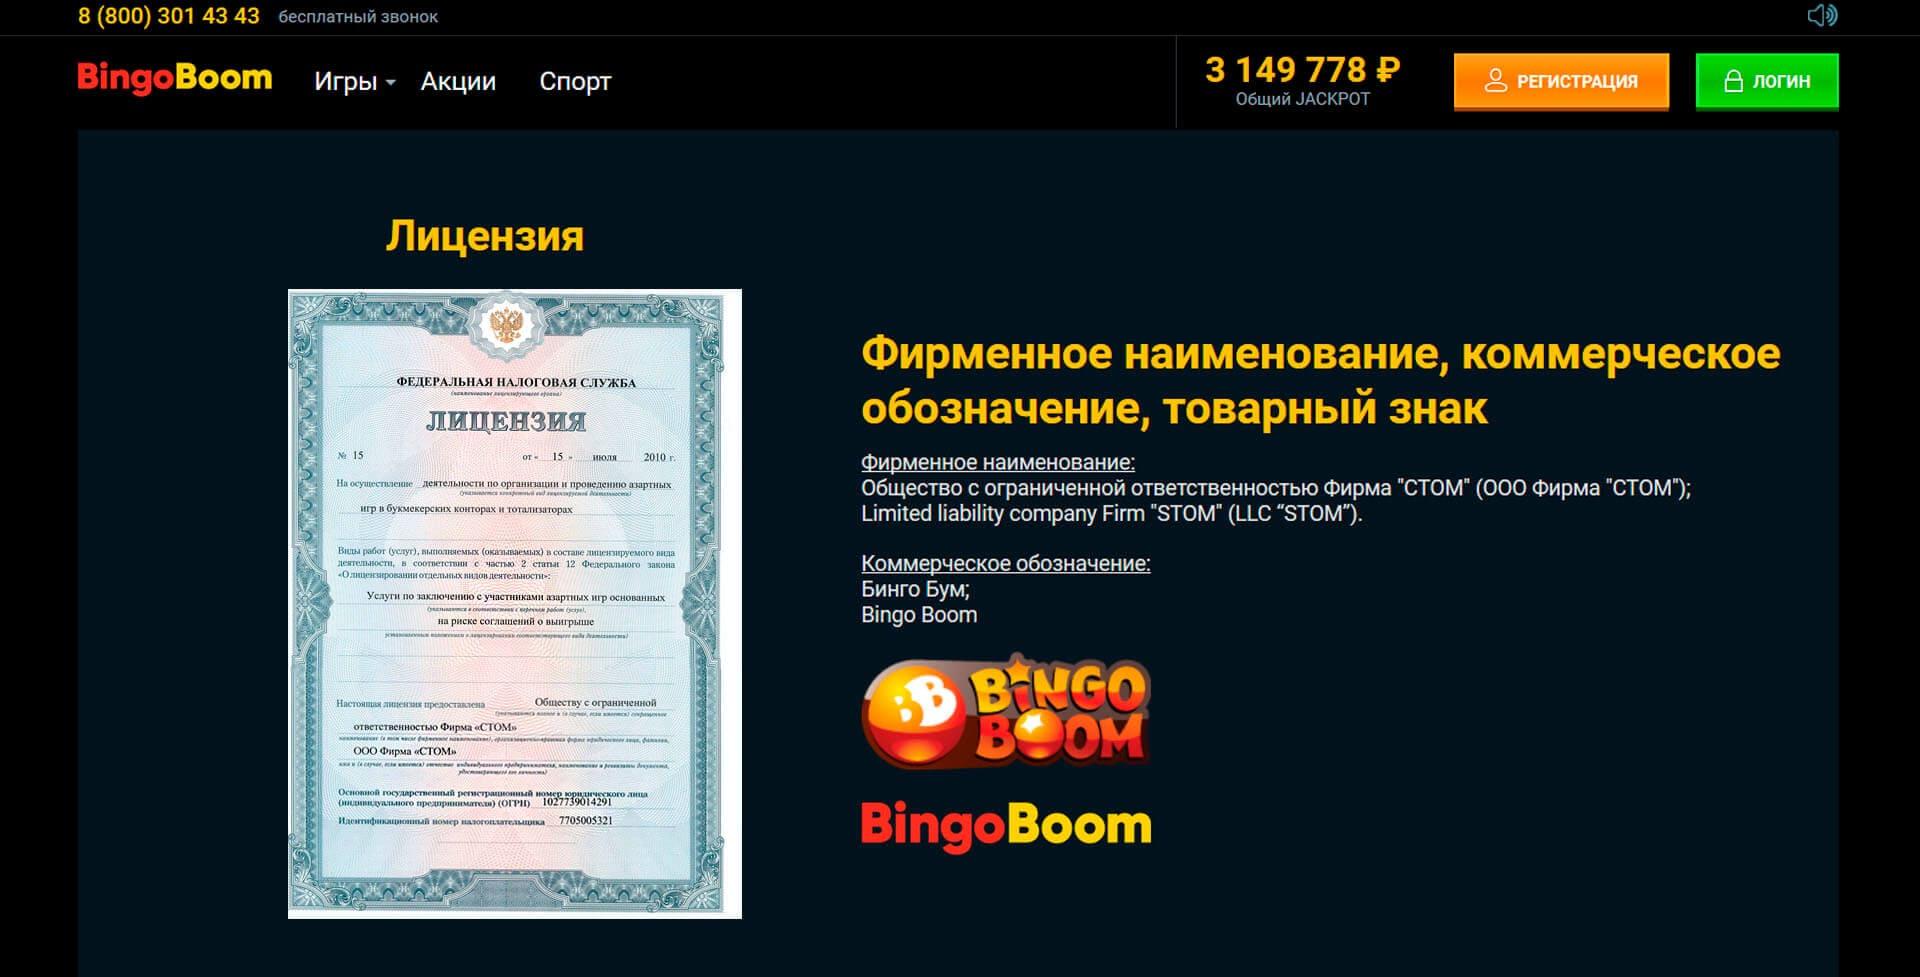 лицензия и история компании бингобум